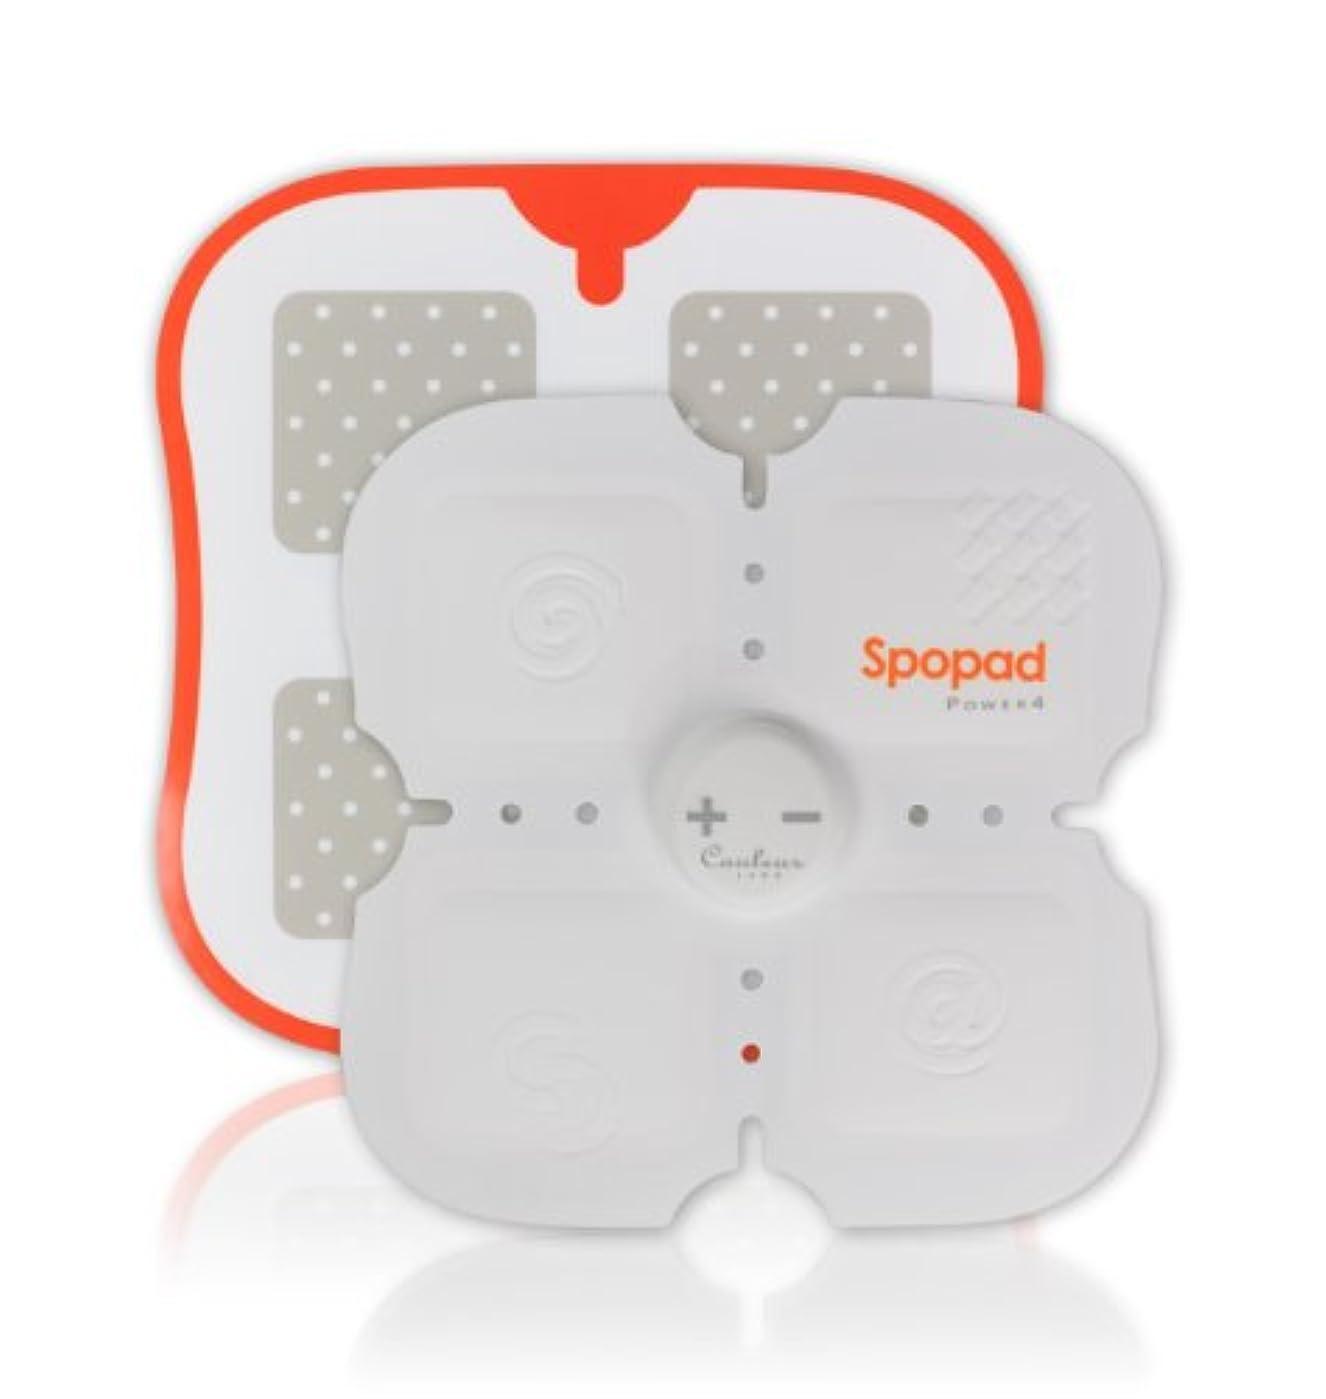 扱いやすい能力理容師SPOPAD POWER4(スポパッドパワーフォー) 家庭用EMS運動機器、超薄型、超軽量、ワイヤレス、ハンズフリー